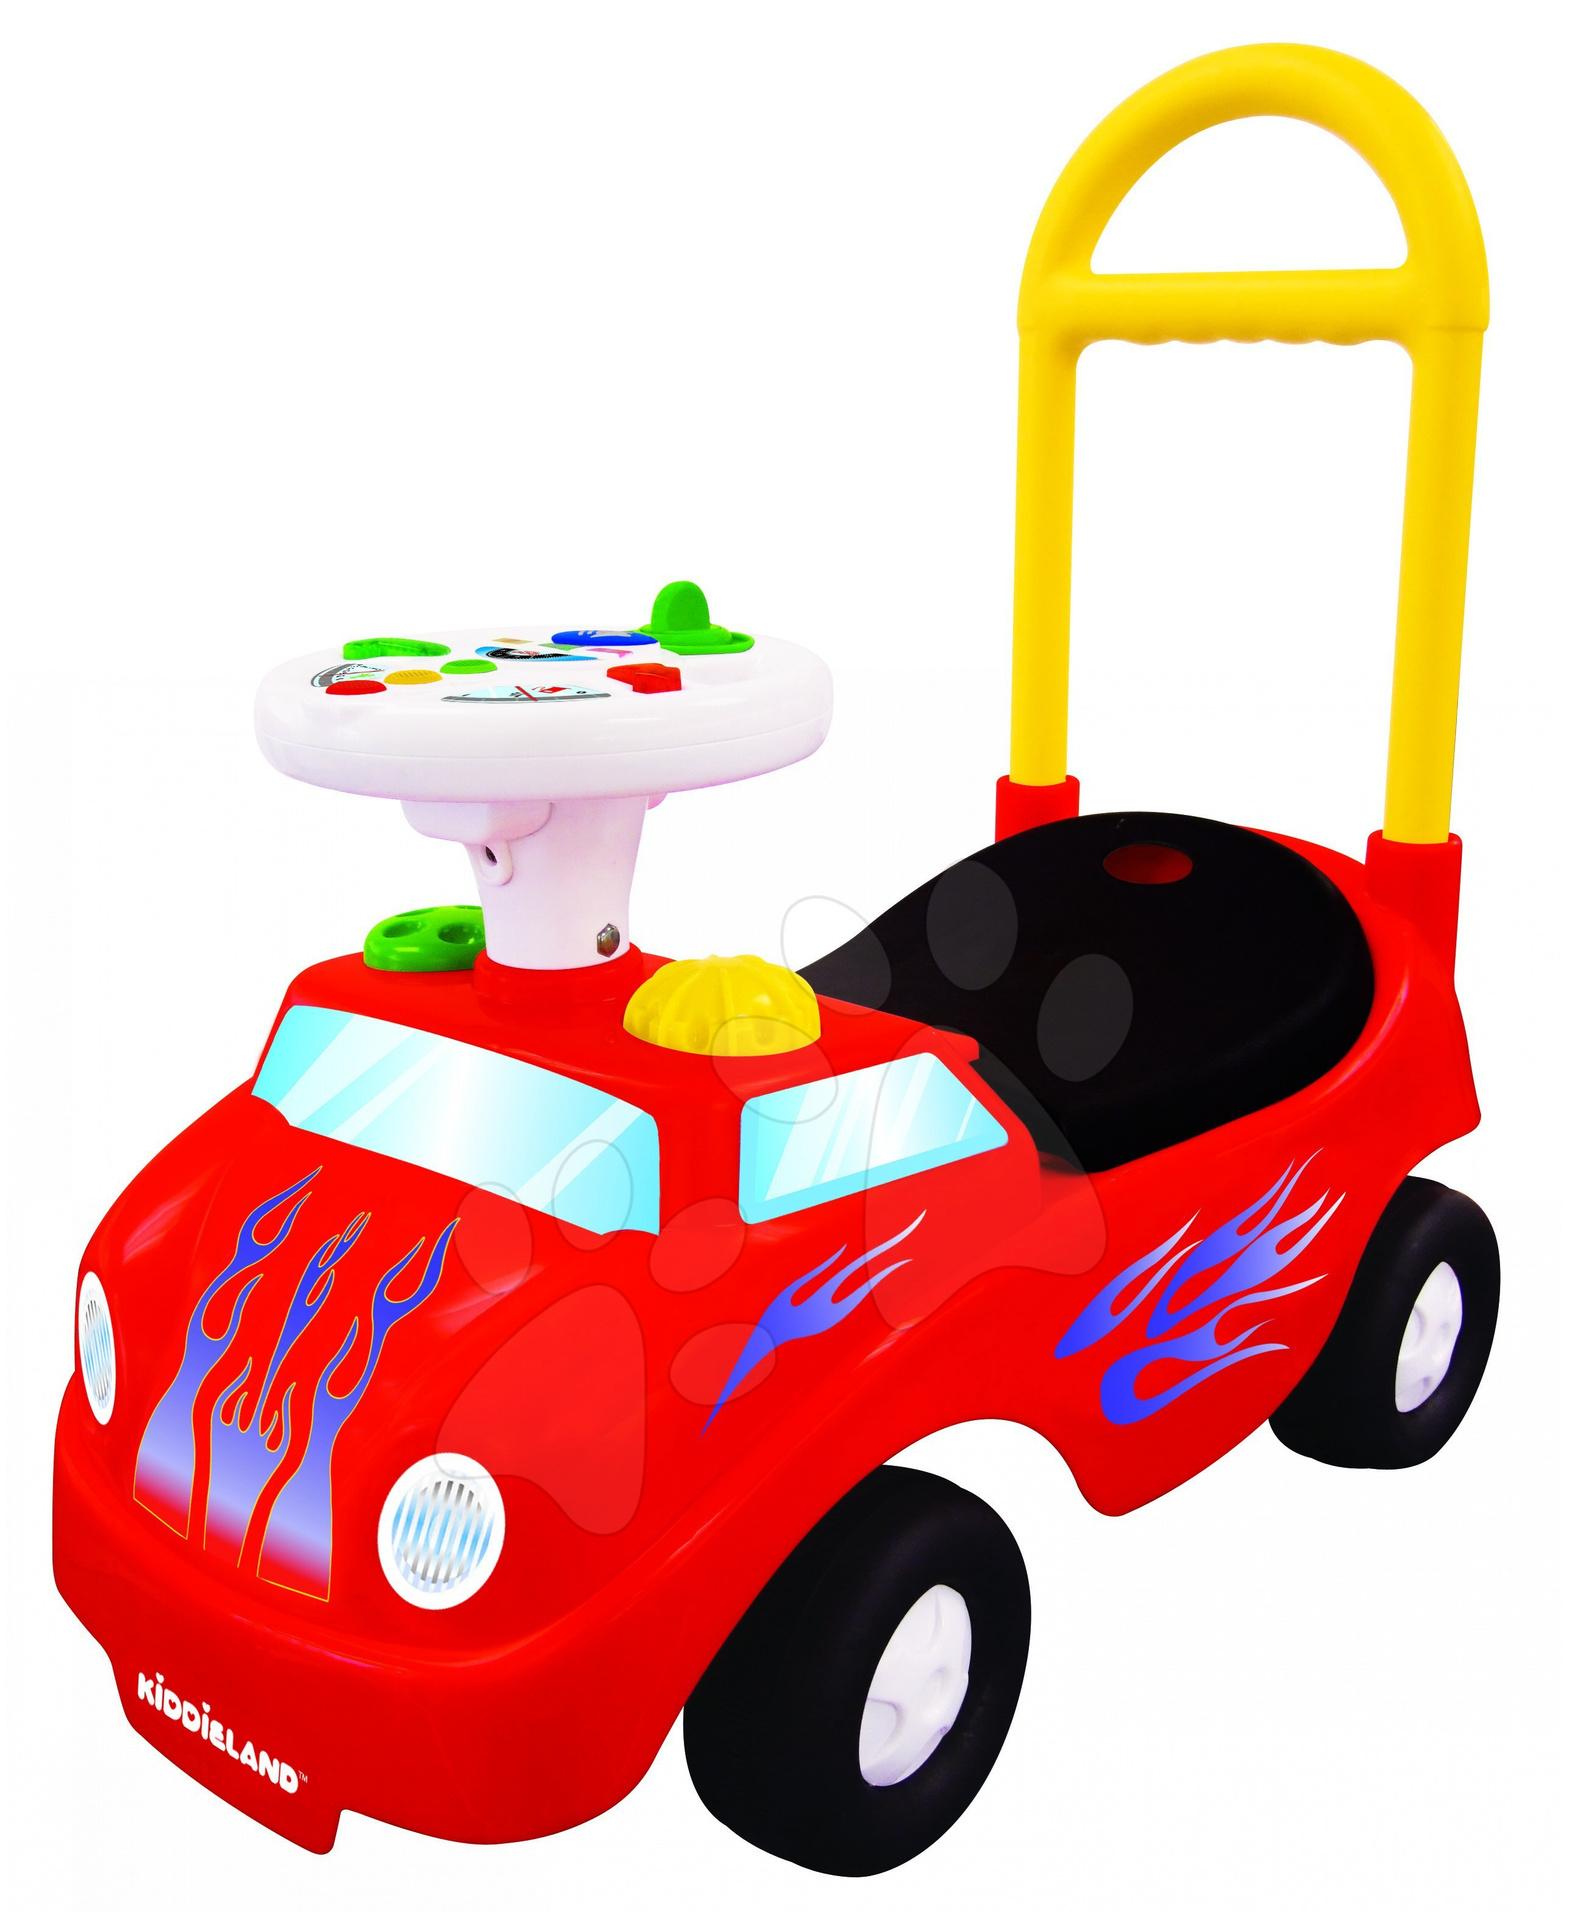 Odrážadlá so zvukom - Activity odrážadlo auto Kiddieland červené so zvukom a svetlom, 12-36 mesiacov červené so zvukom a svetlom